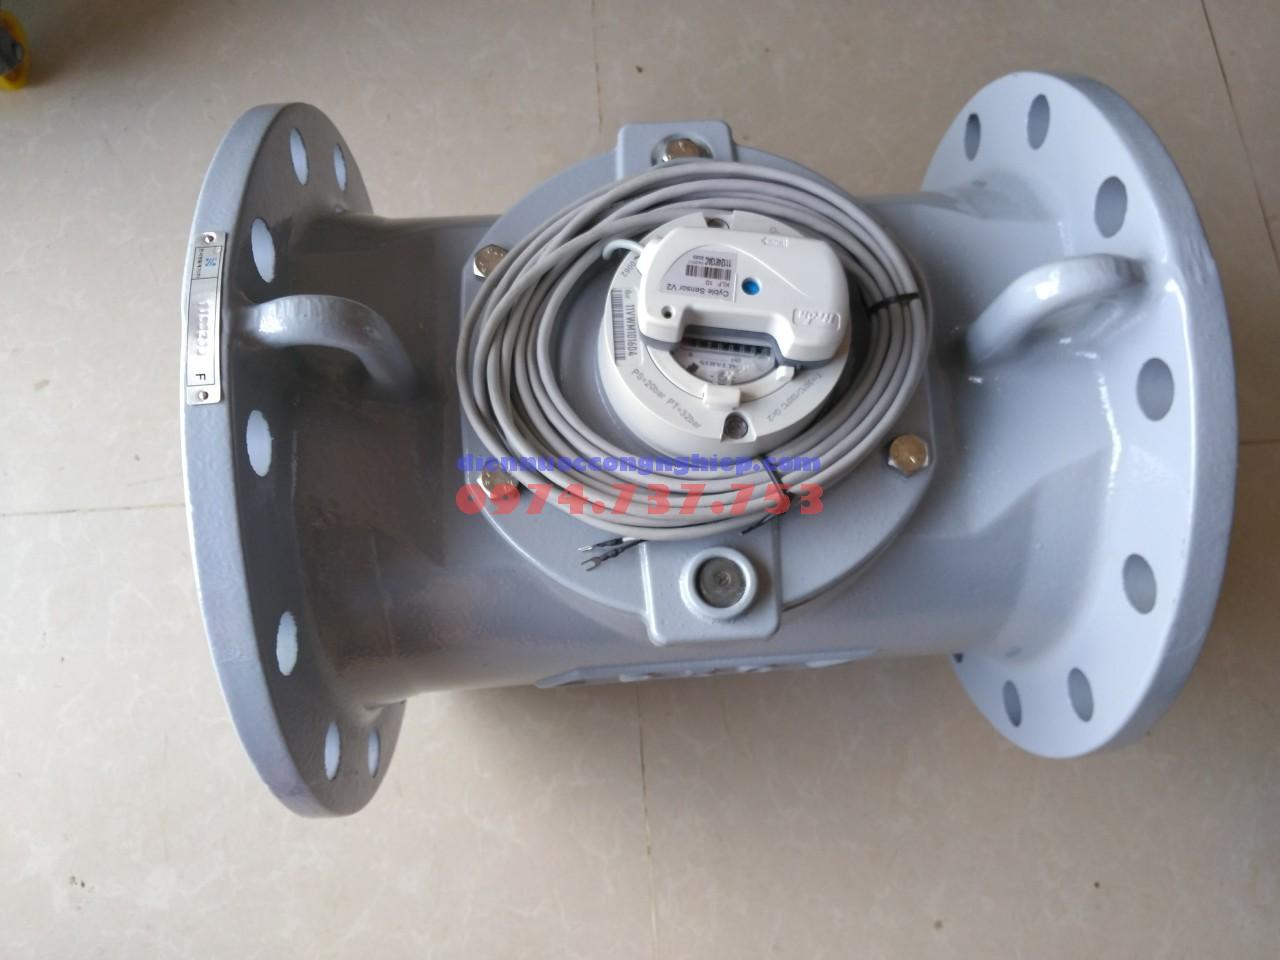 Nhà cung cấp đồng hồ nước nhà trọ, khu công nghiệp